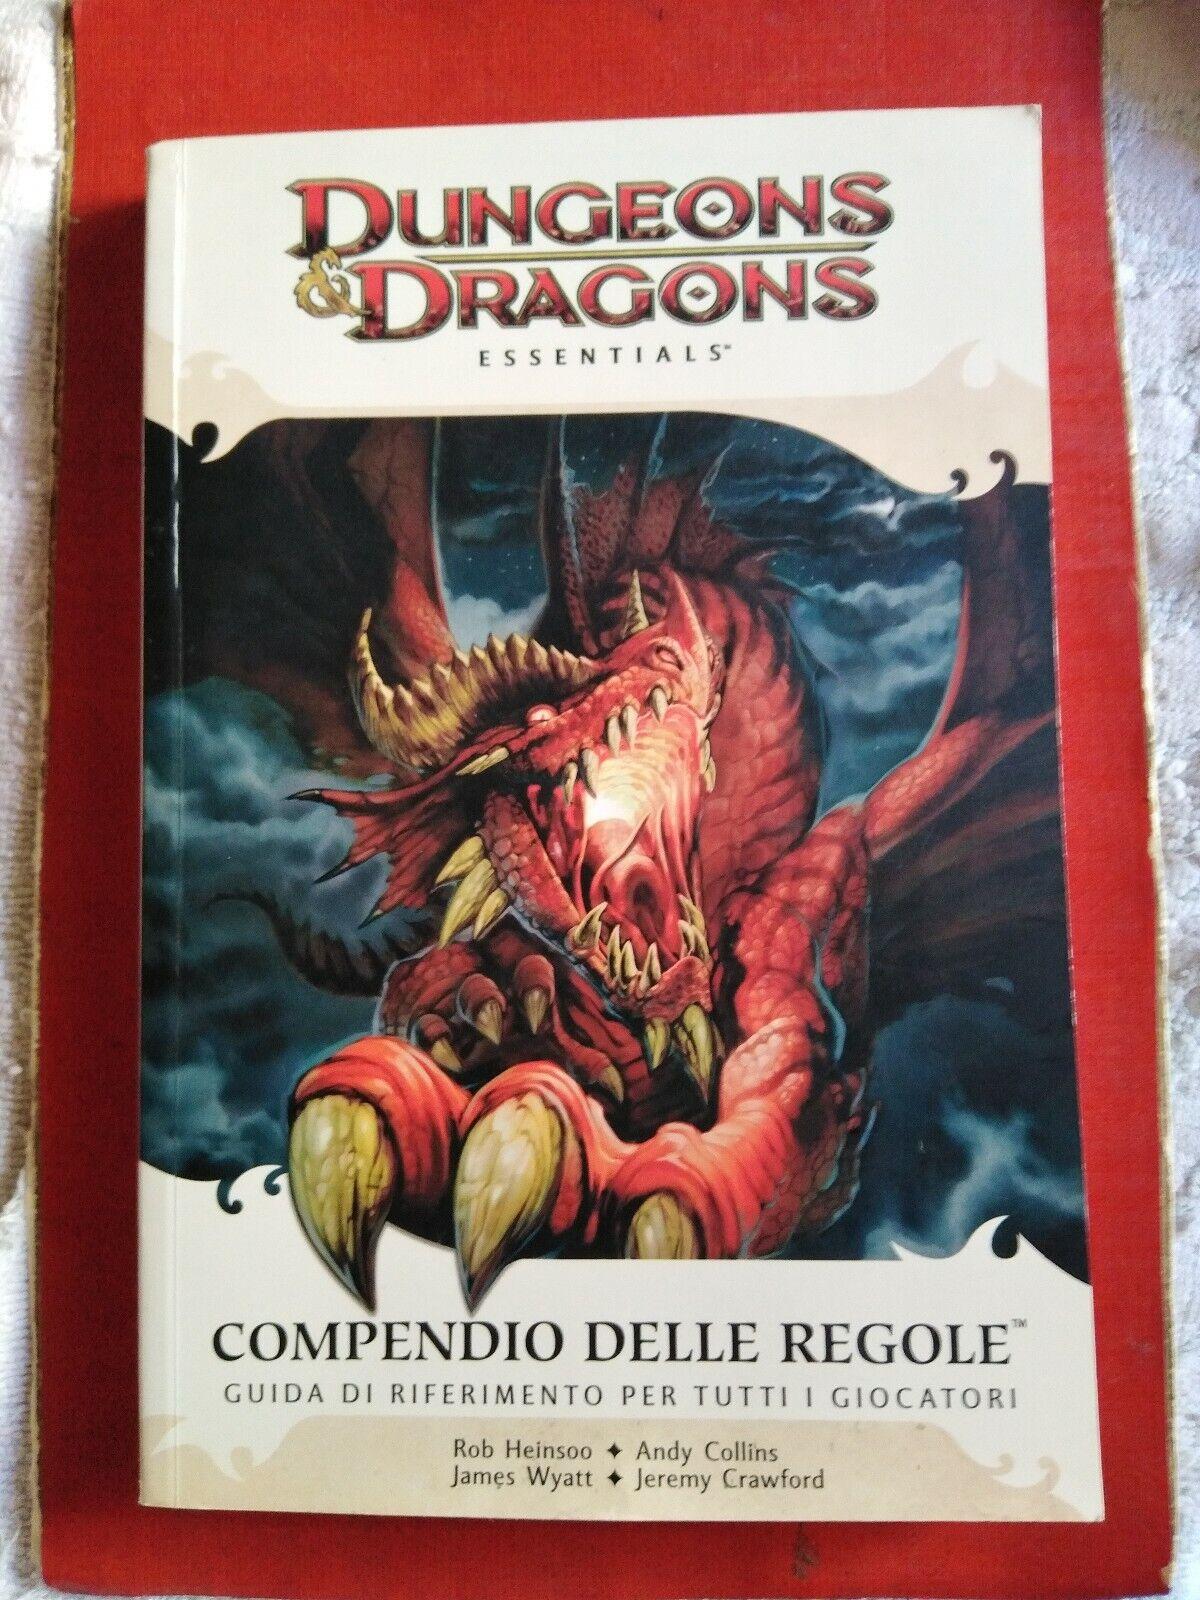 DUNGEONS & DRAGONS  ESSENTIALS-COMPENDIO DELLE  REGOLE- 4°EDIZIONE 2010 MM25  negozio d'offerta